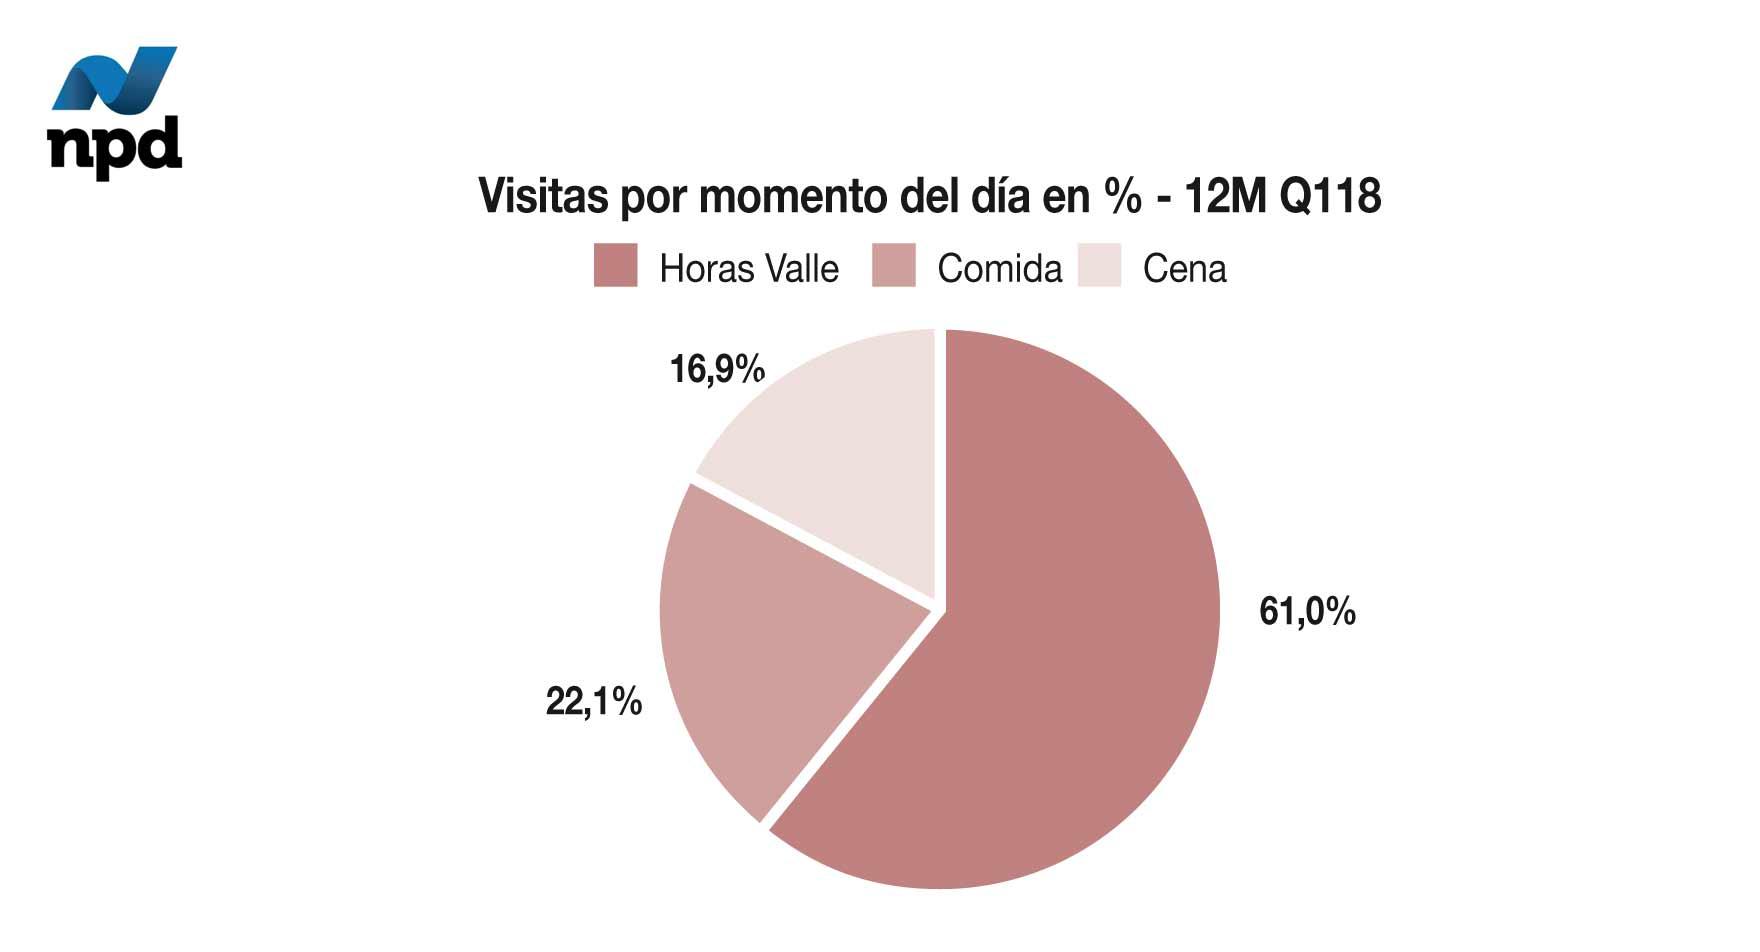 Visitas por momento del día en %- 12M Q118